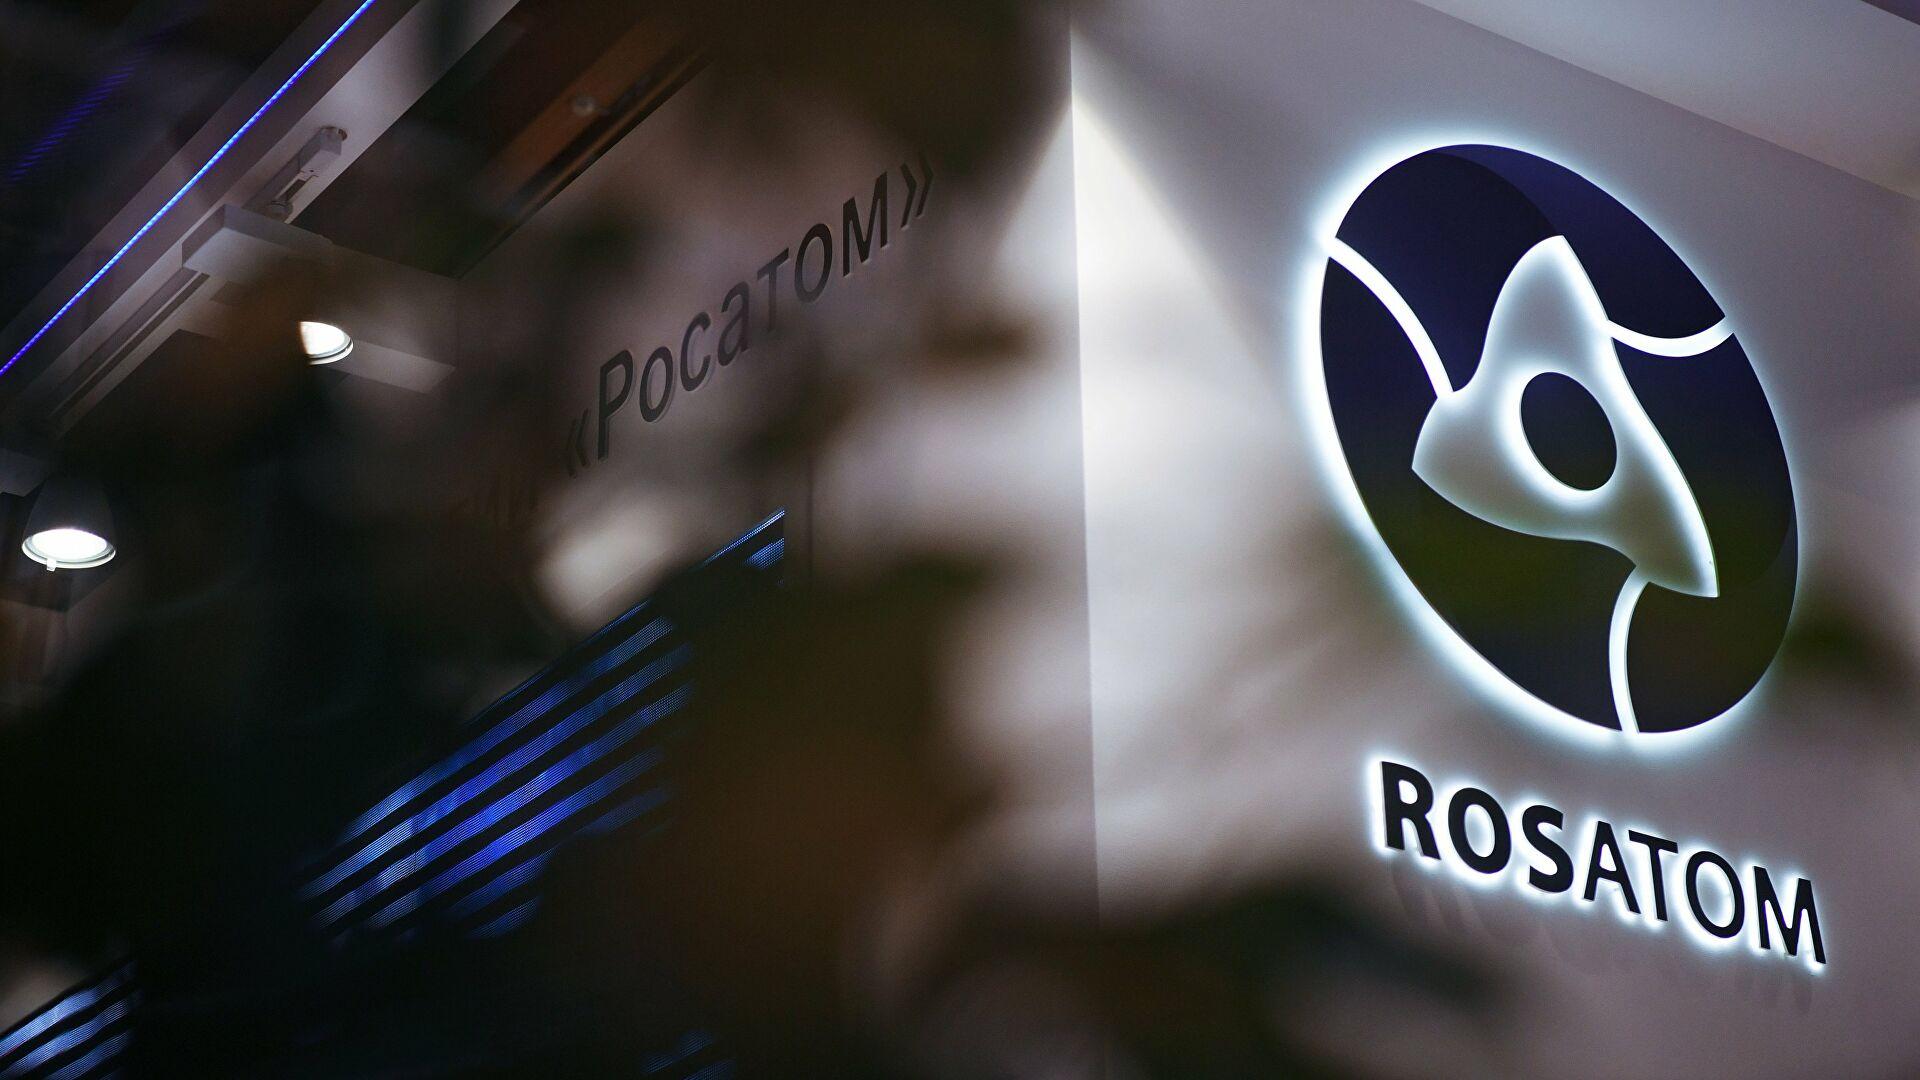 """Чешка ће искључити """"Росатом"""" са тендера за изградњу нуклеарне електране Дуковани"""